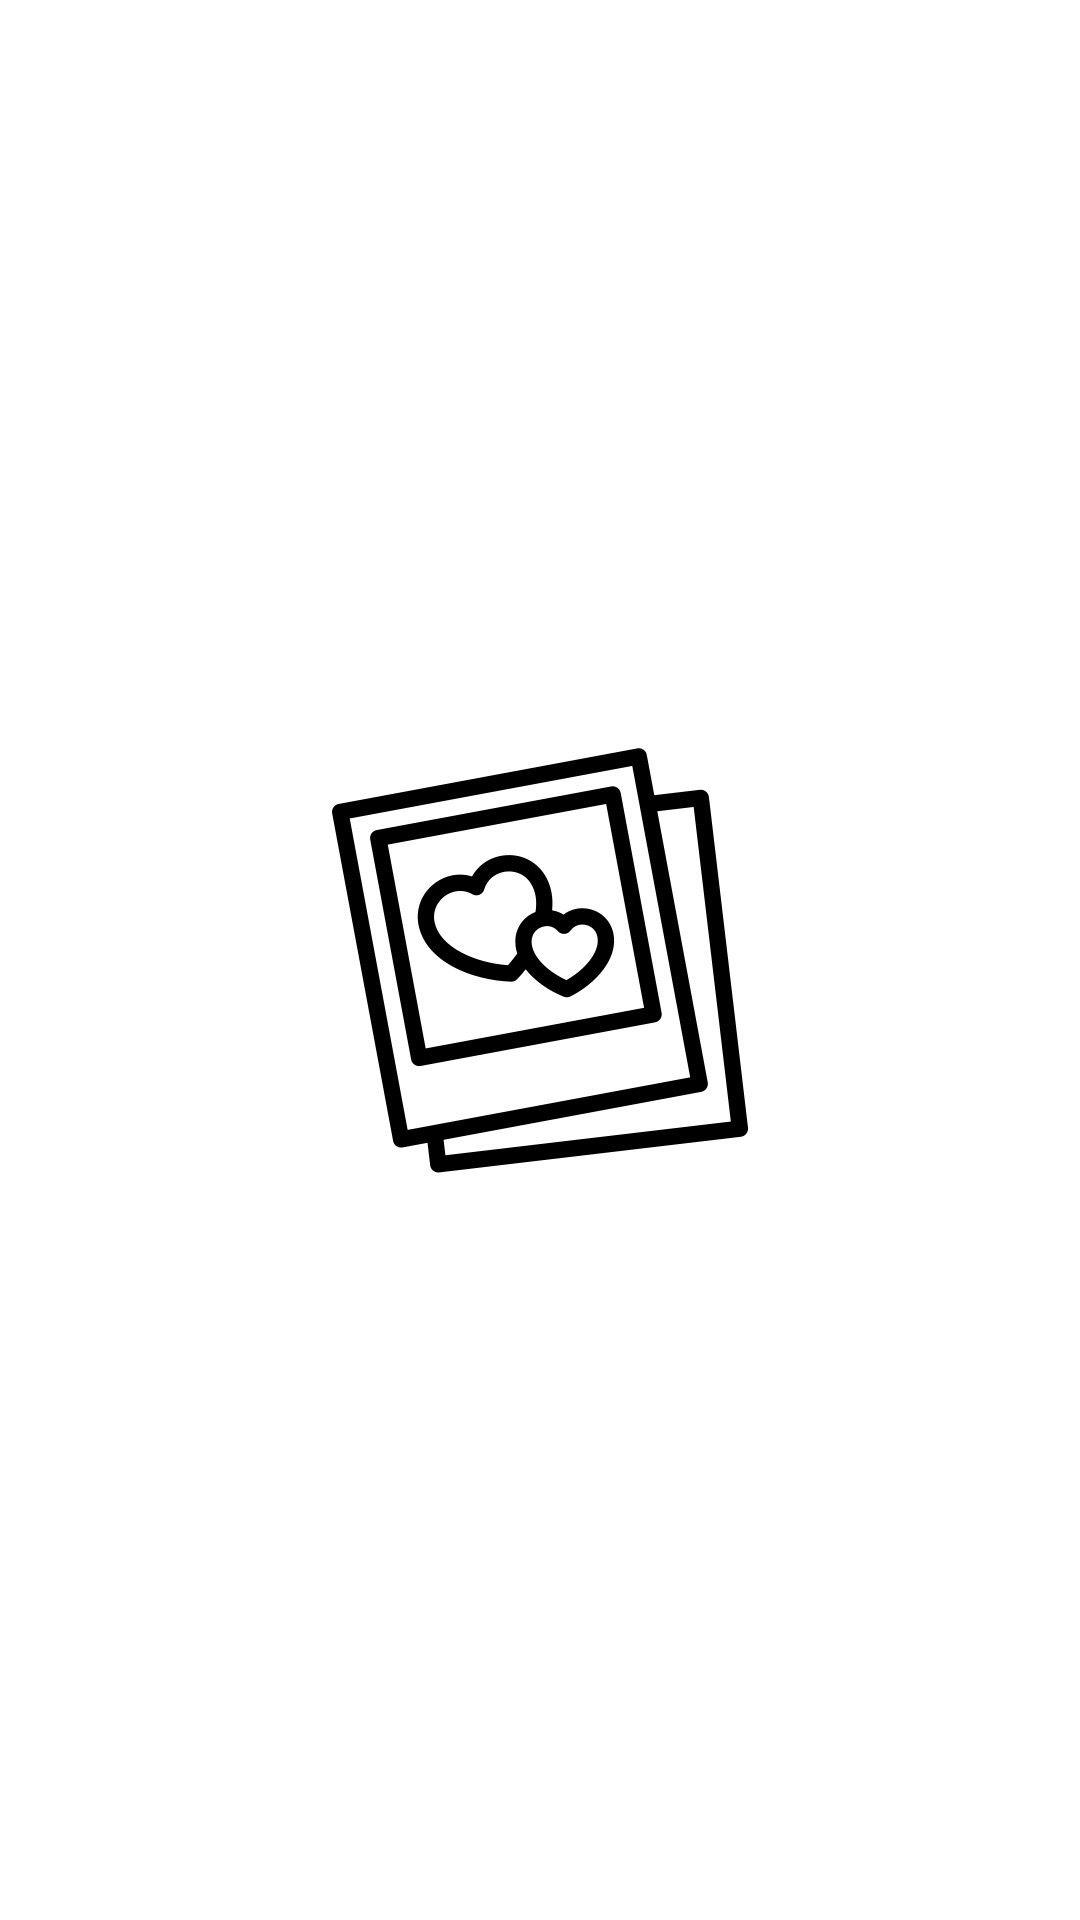 Biascardoso Desenhos Bonitinhos Ideias Instagram E Coisas